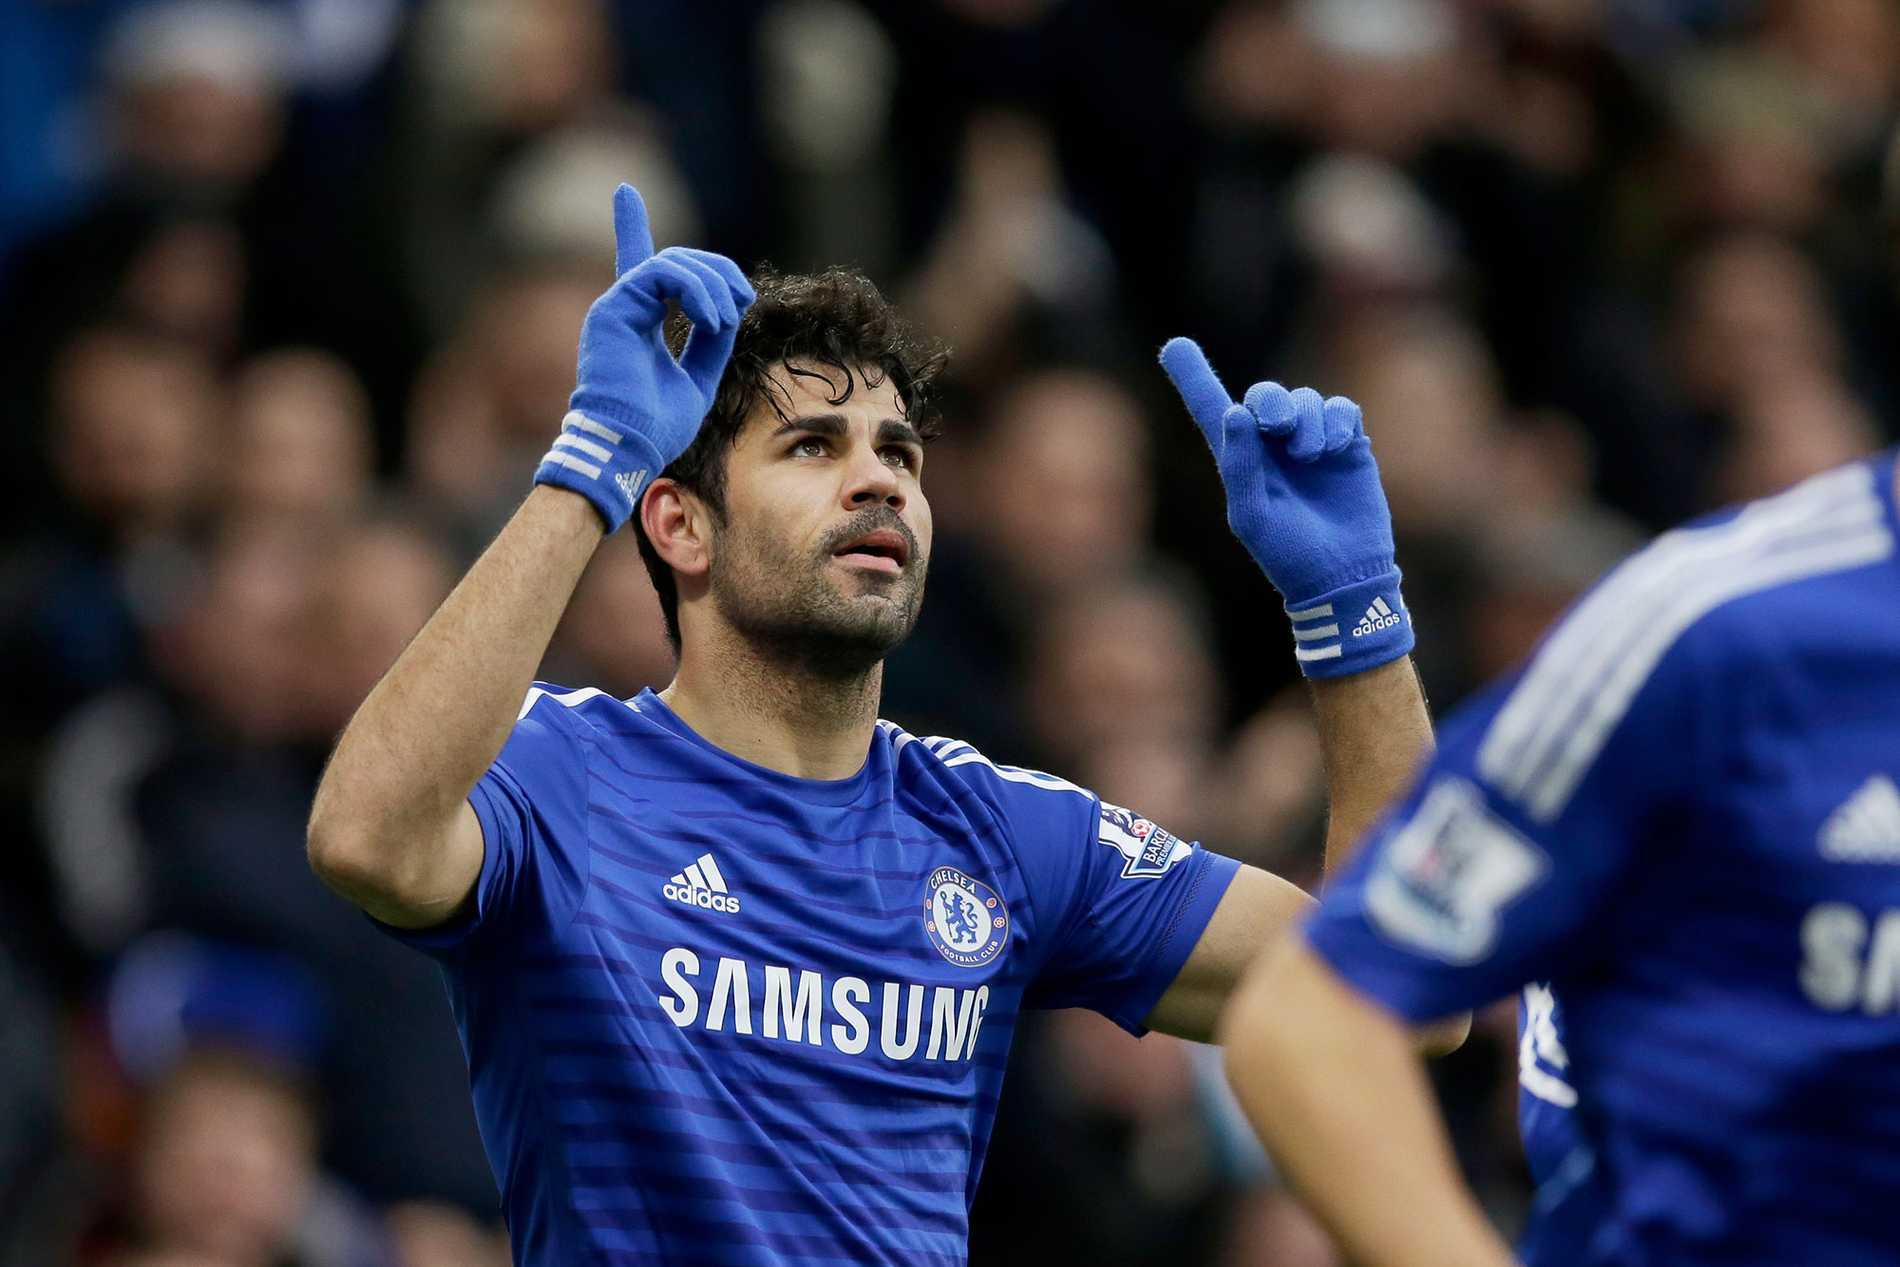 Mot toppen. Diego Coista och Chelsea är spelarnas favoriter i Champions League.